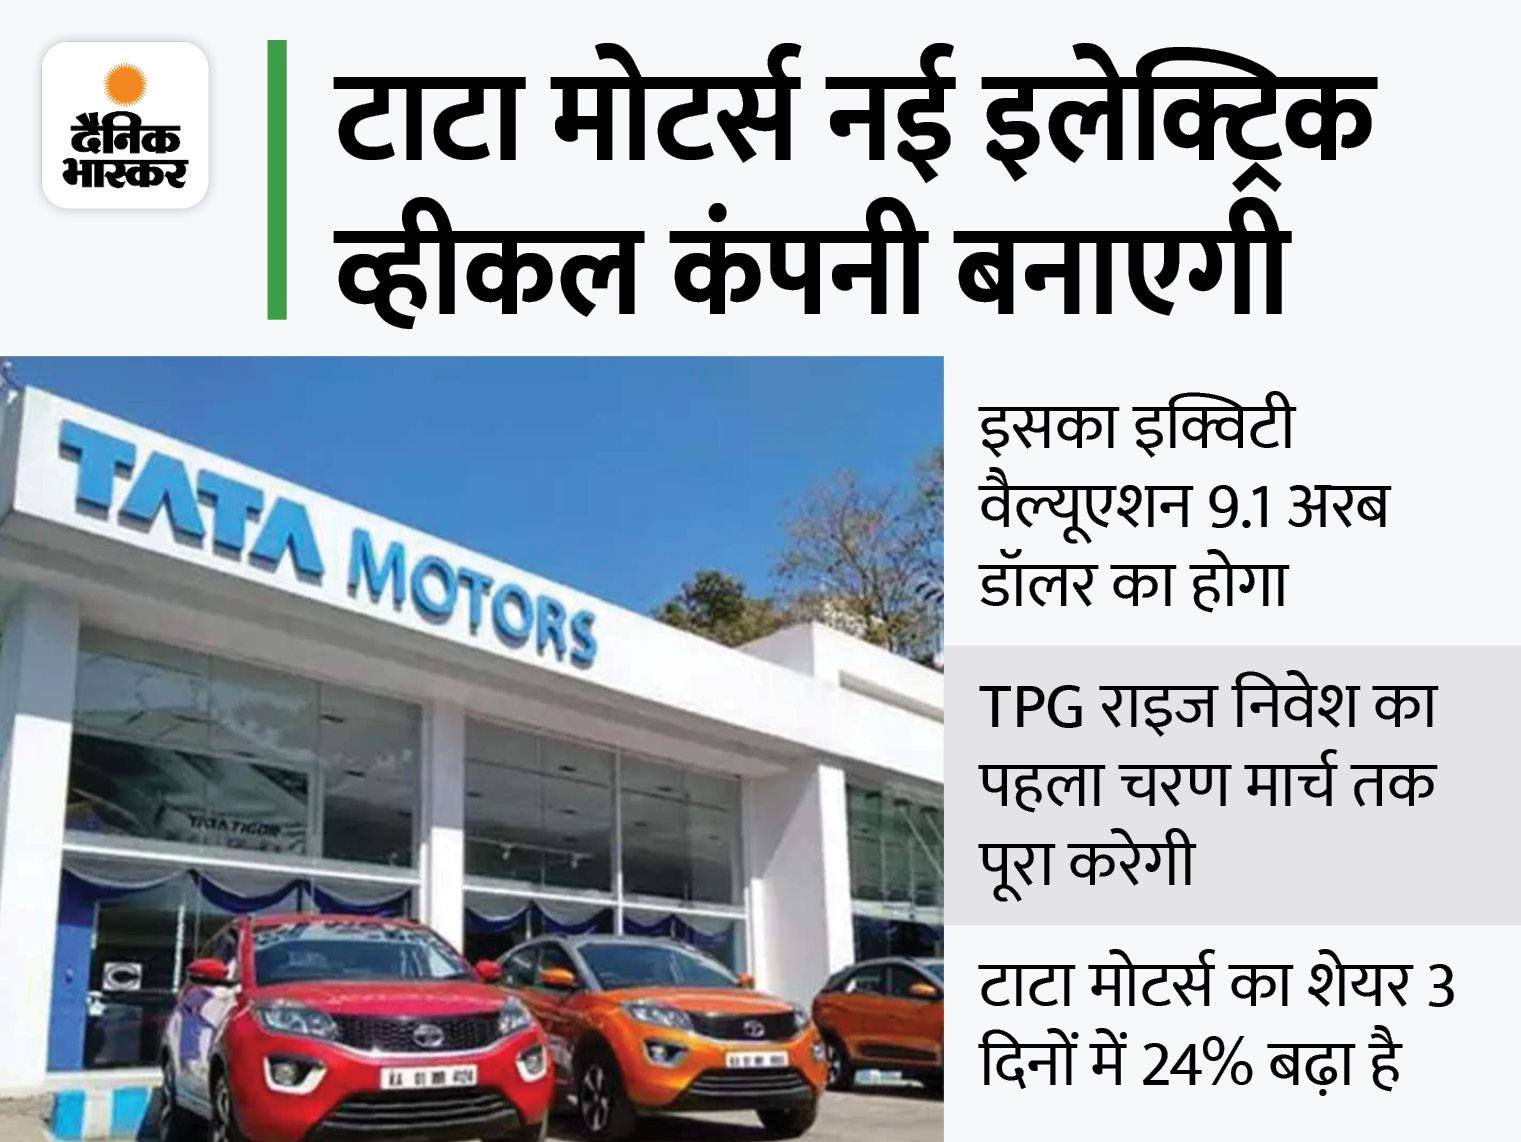 TPG राइज टाटा मोटर्स में 7,500 करोड रुपए का करेगी निवेश, इलेक्ट्रिक मोबिलिटी के लिए होगा निवेश|बिजनेस,Business - Dainik Bhaskar